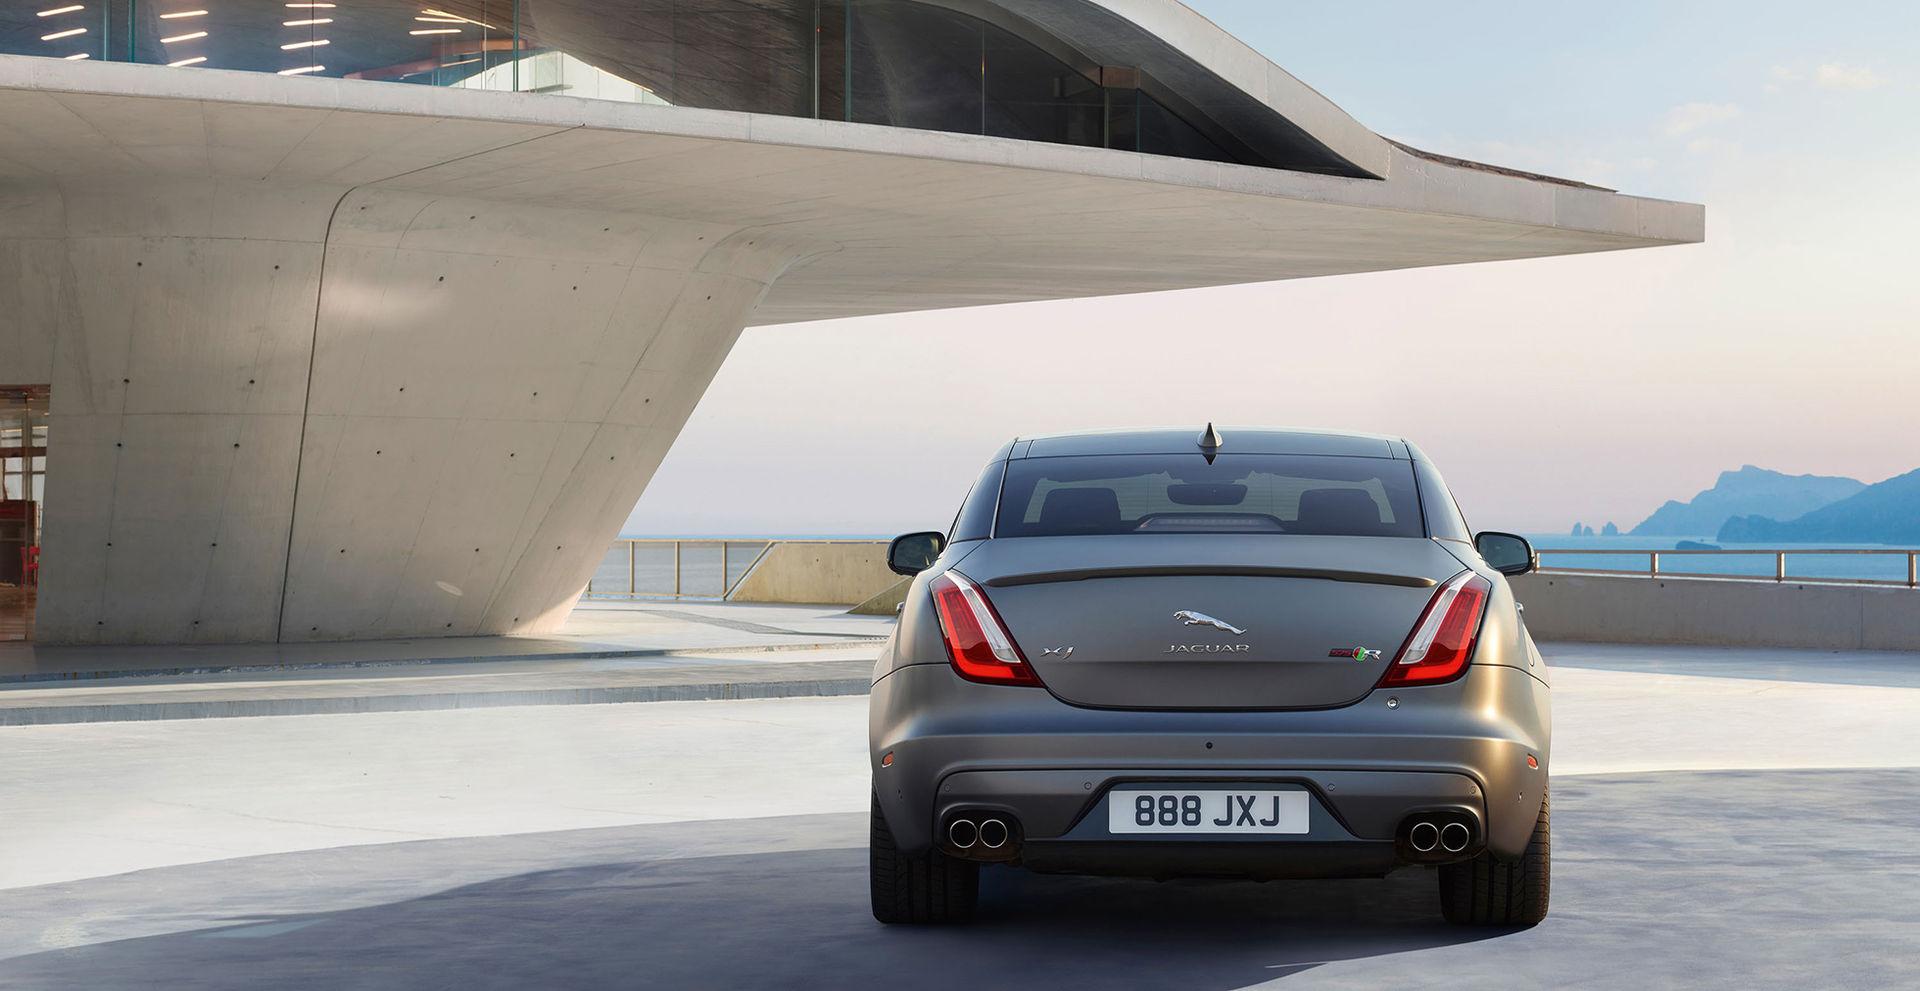 Ersättaren till Jaguar XJ blir eldriven